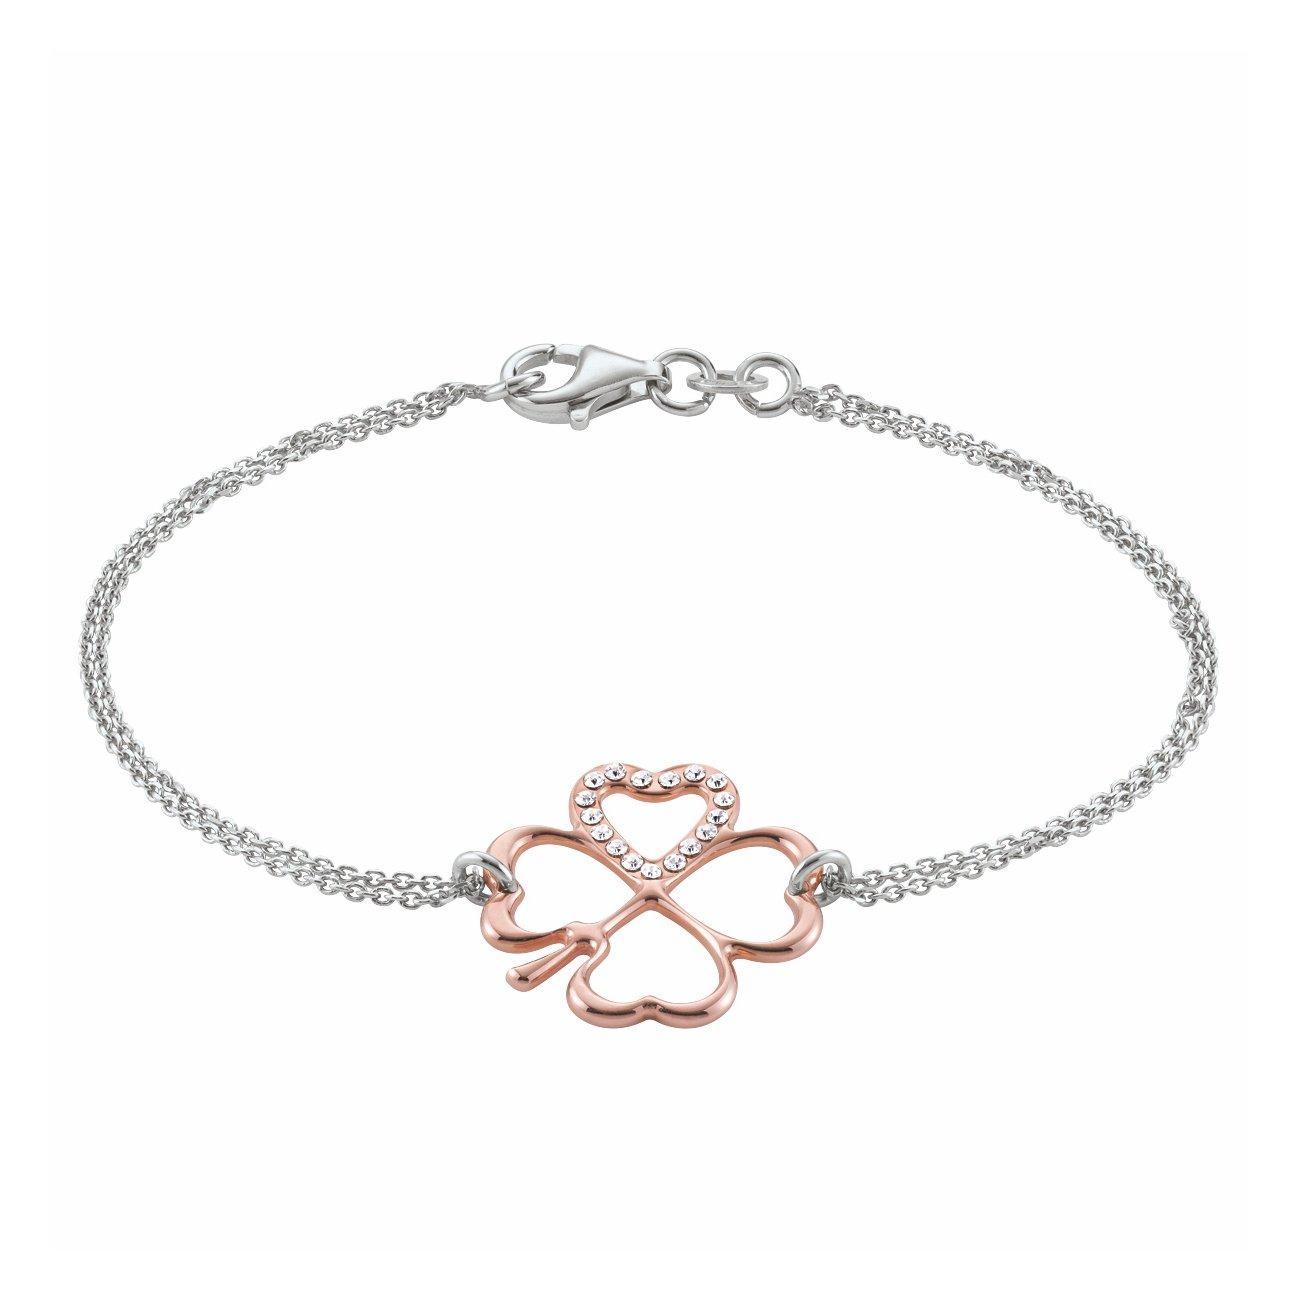 Bracelet Jourdan Bijoux Inanna en argent, plaqué or rose et oxyde de zirconium